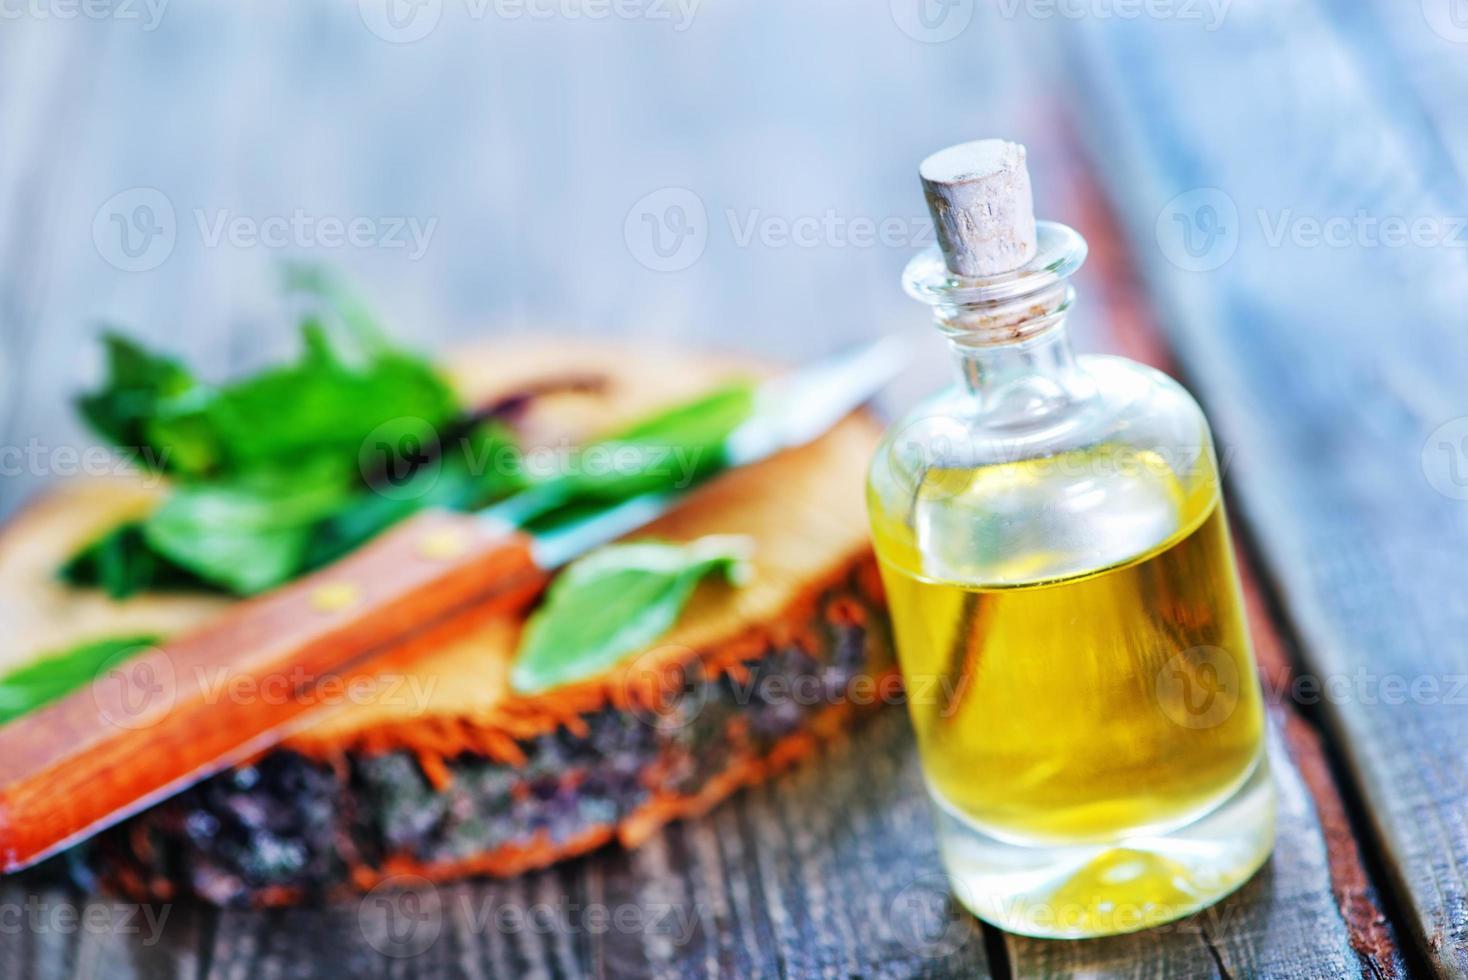 óleo de menta posicionado ao lado de folhas picadas na mesa de madeira foto